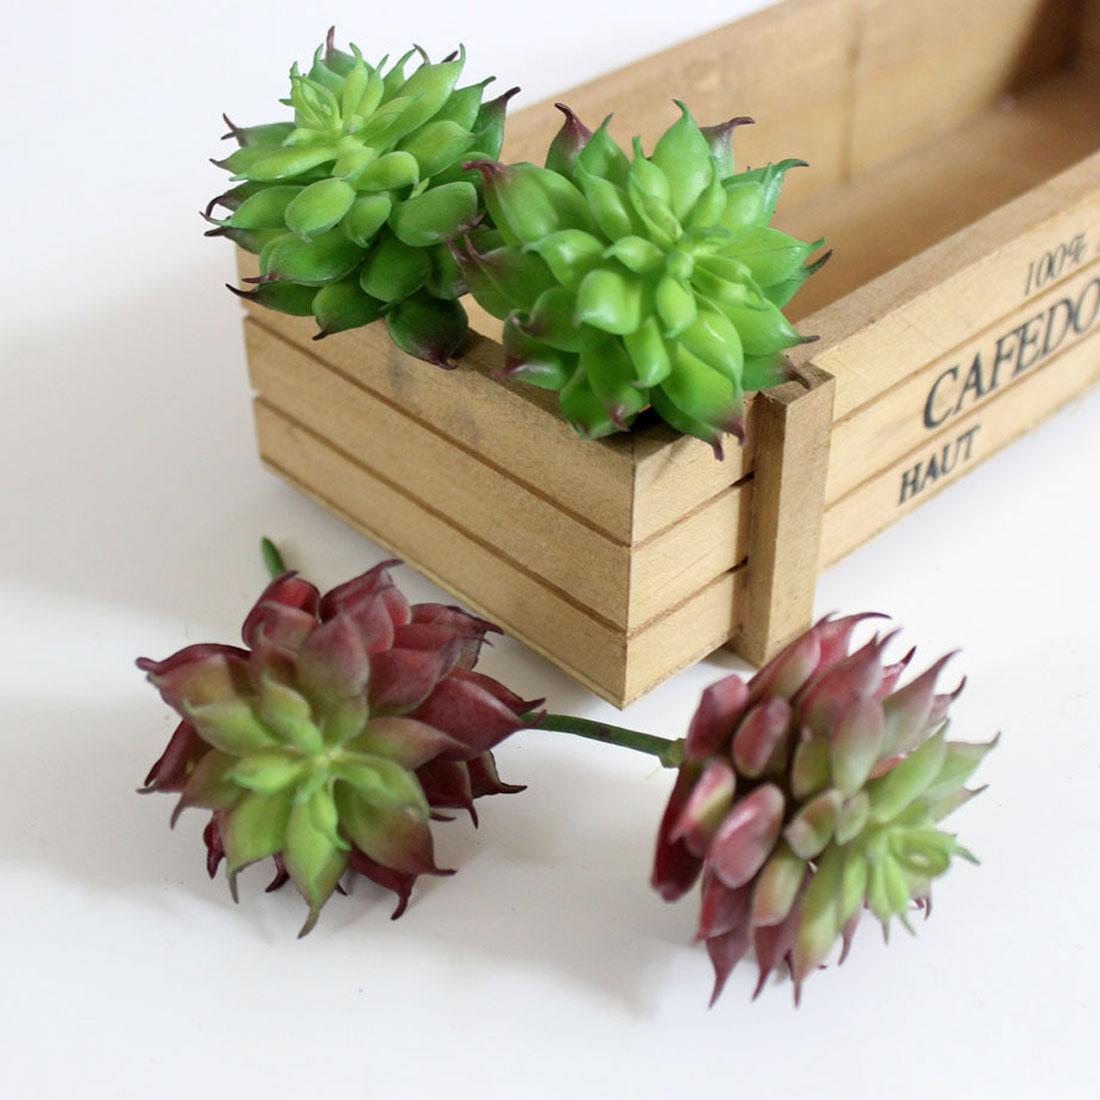 Home Decoration Accessories Miniature Artificial Succulent Plants Grass Plant Landscape Fake Flower Arrangement Garden Decor